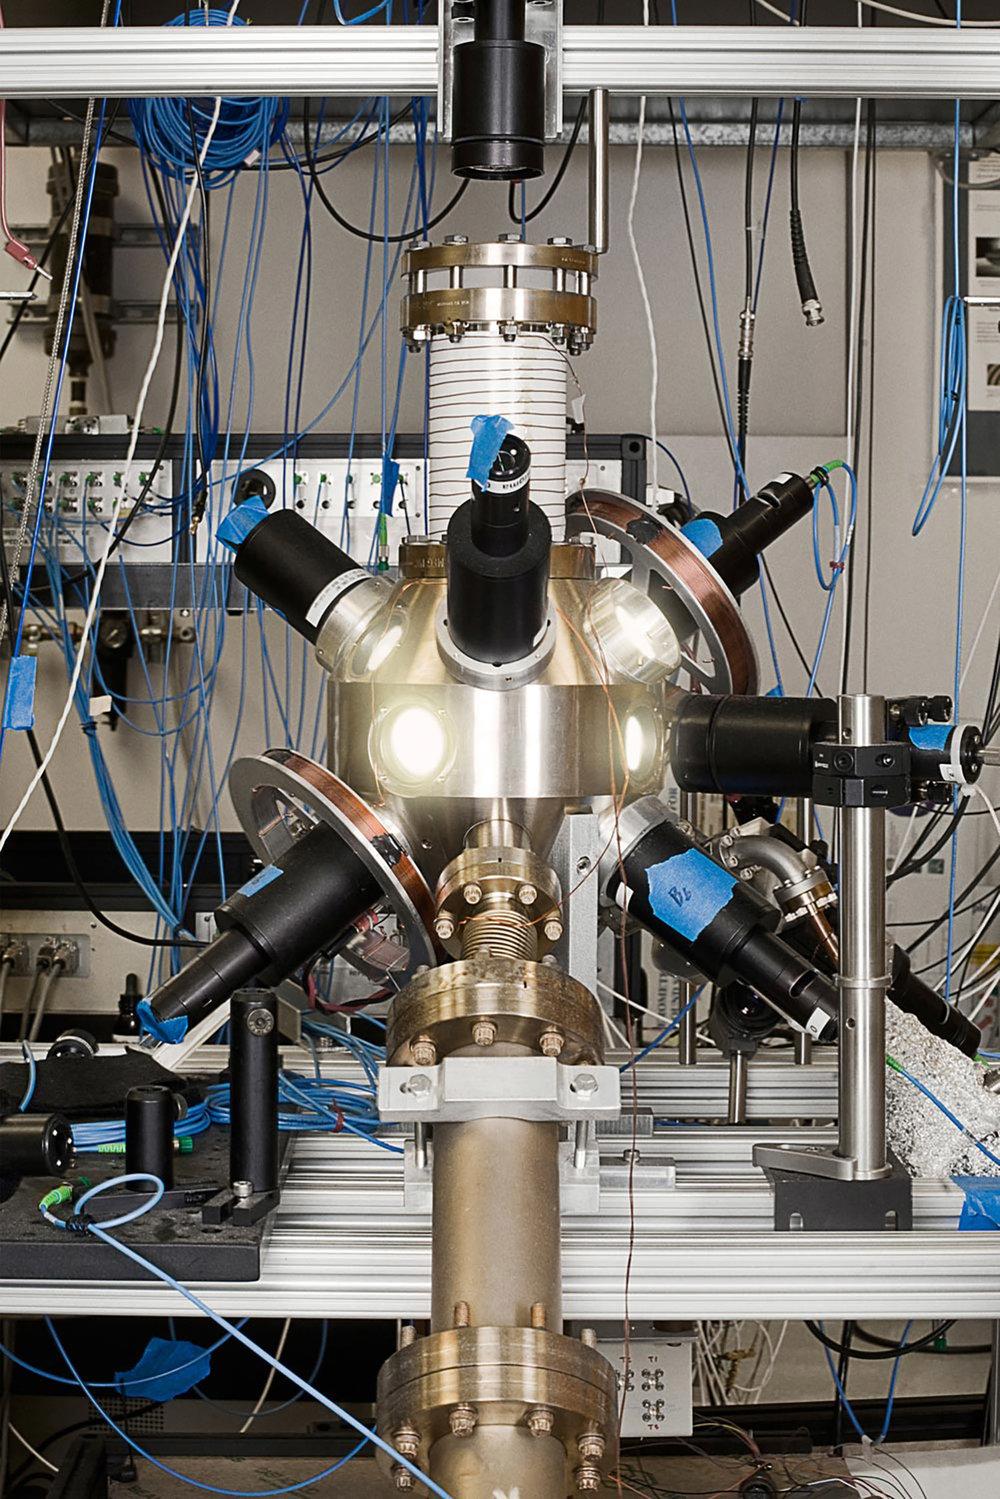 Gravity Gradiometer Prototype, Quantum Lab, NASA/JPL, Pasadena, California, 2008